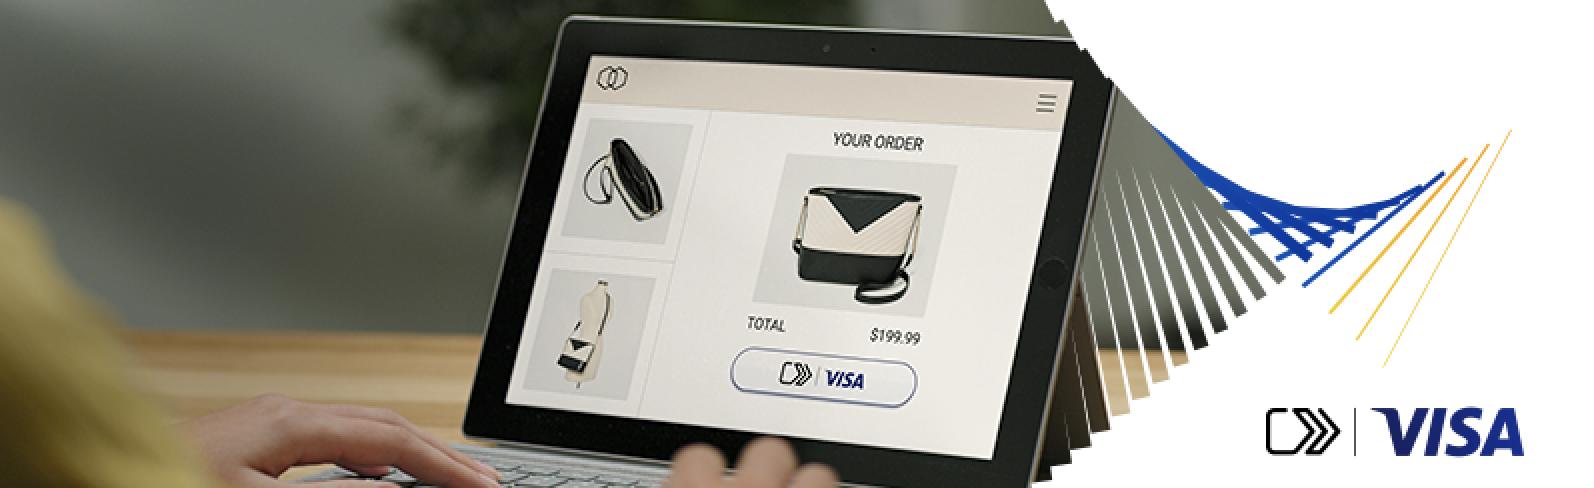 Haga clic para pagar con Visa